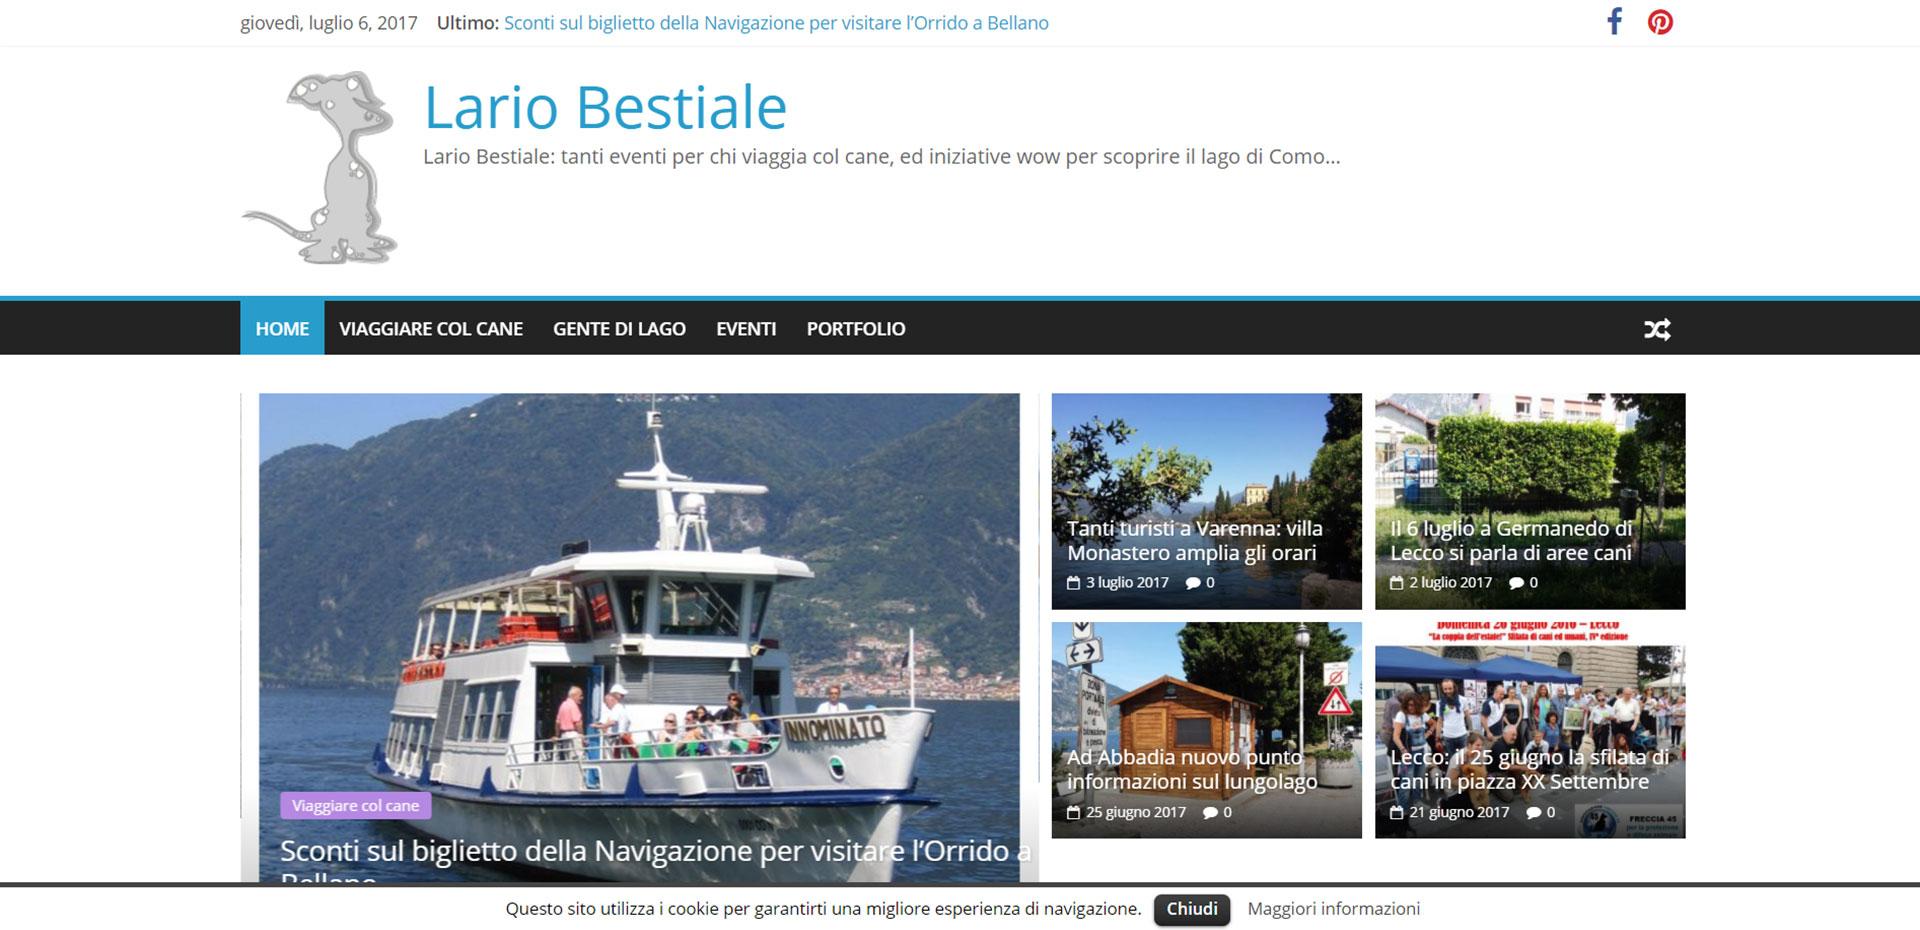 Sito web responsive per Lario Bestiale